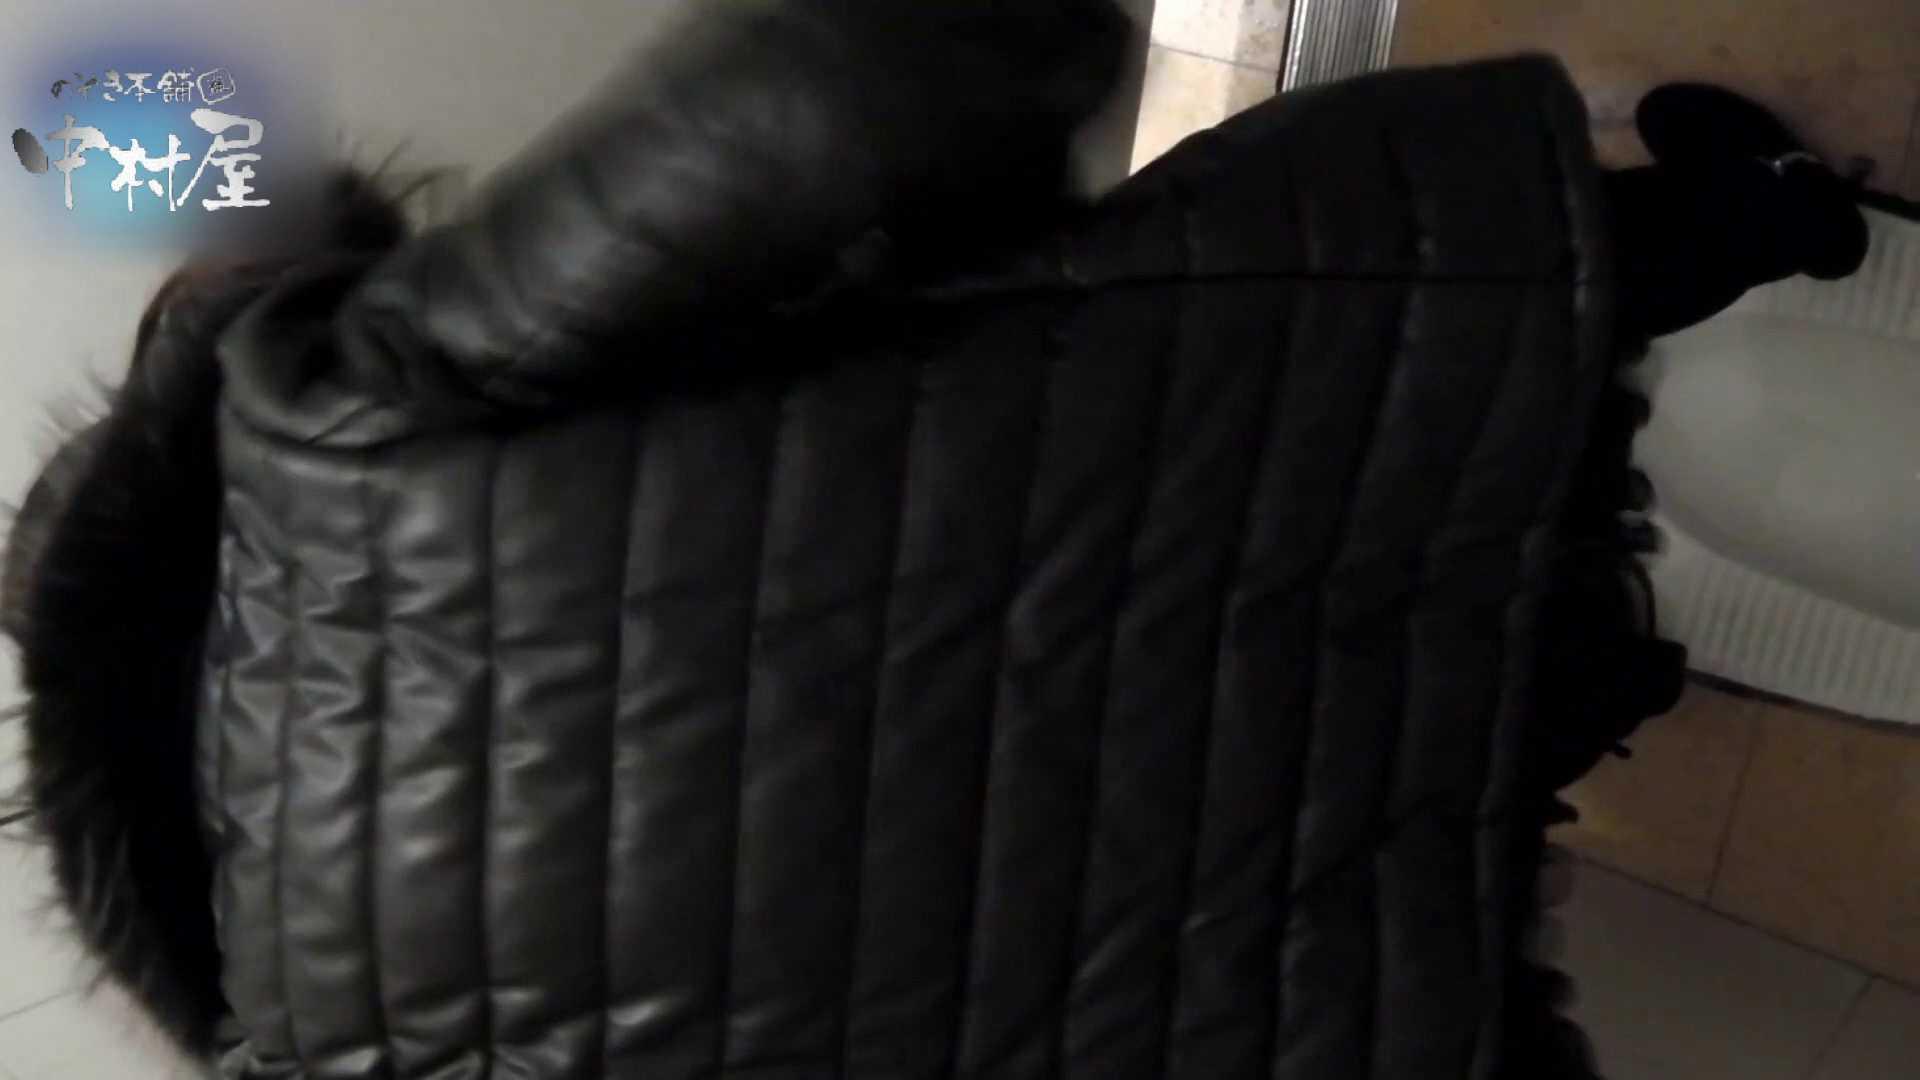 乙女集まる!ショッピングモール潜入撮vol.05 丸見え 盗撮オマンコ無修正動画無料 60画像 47